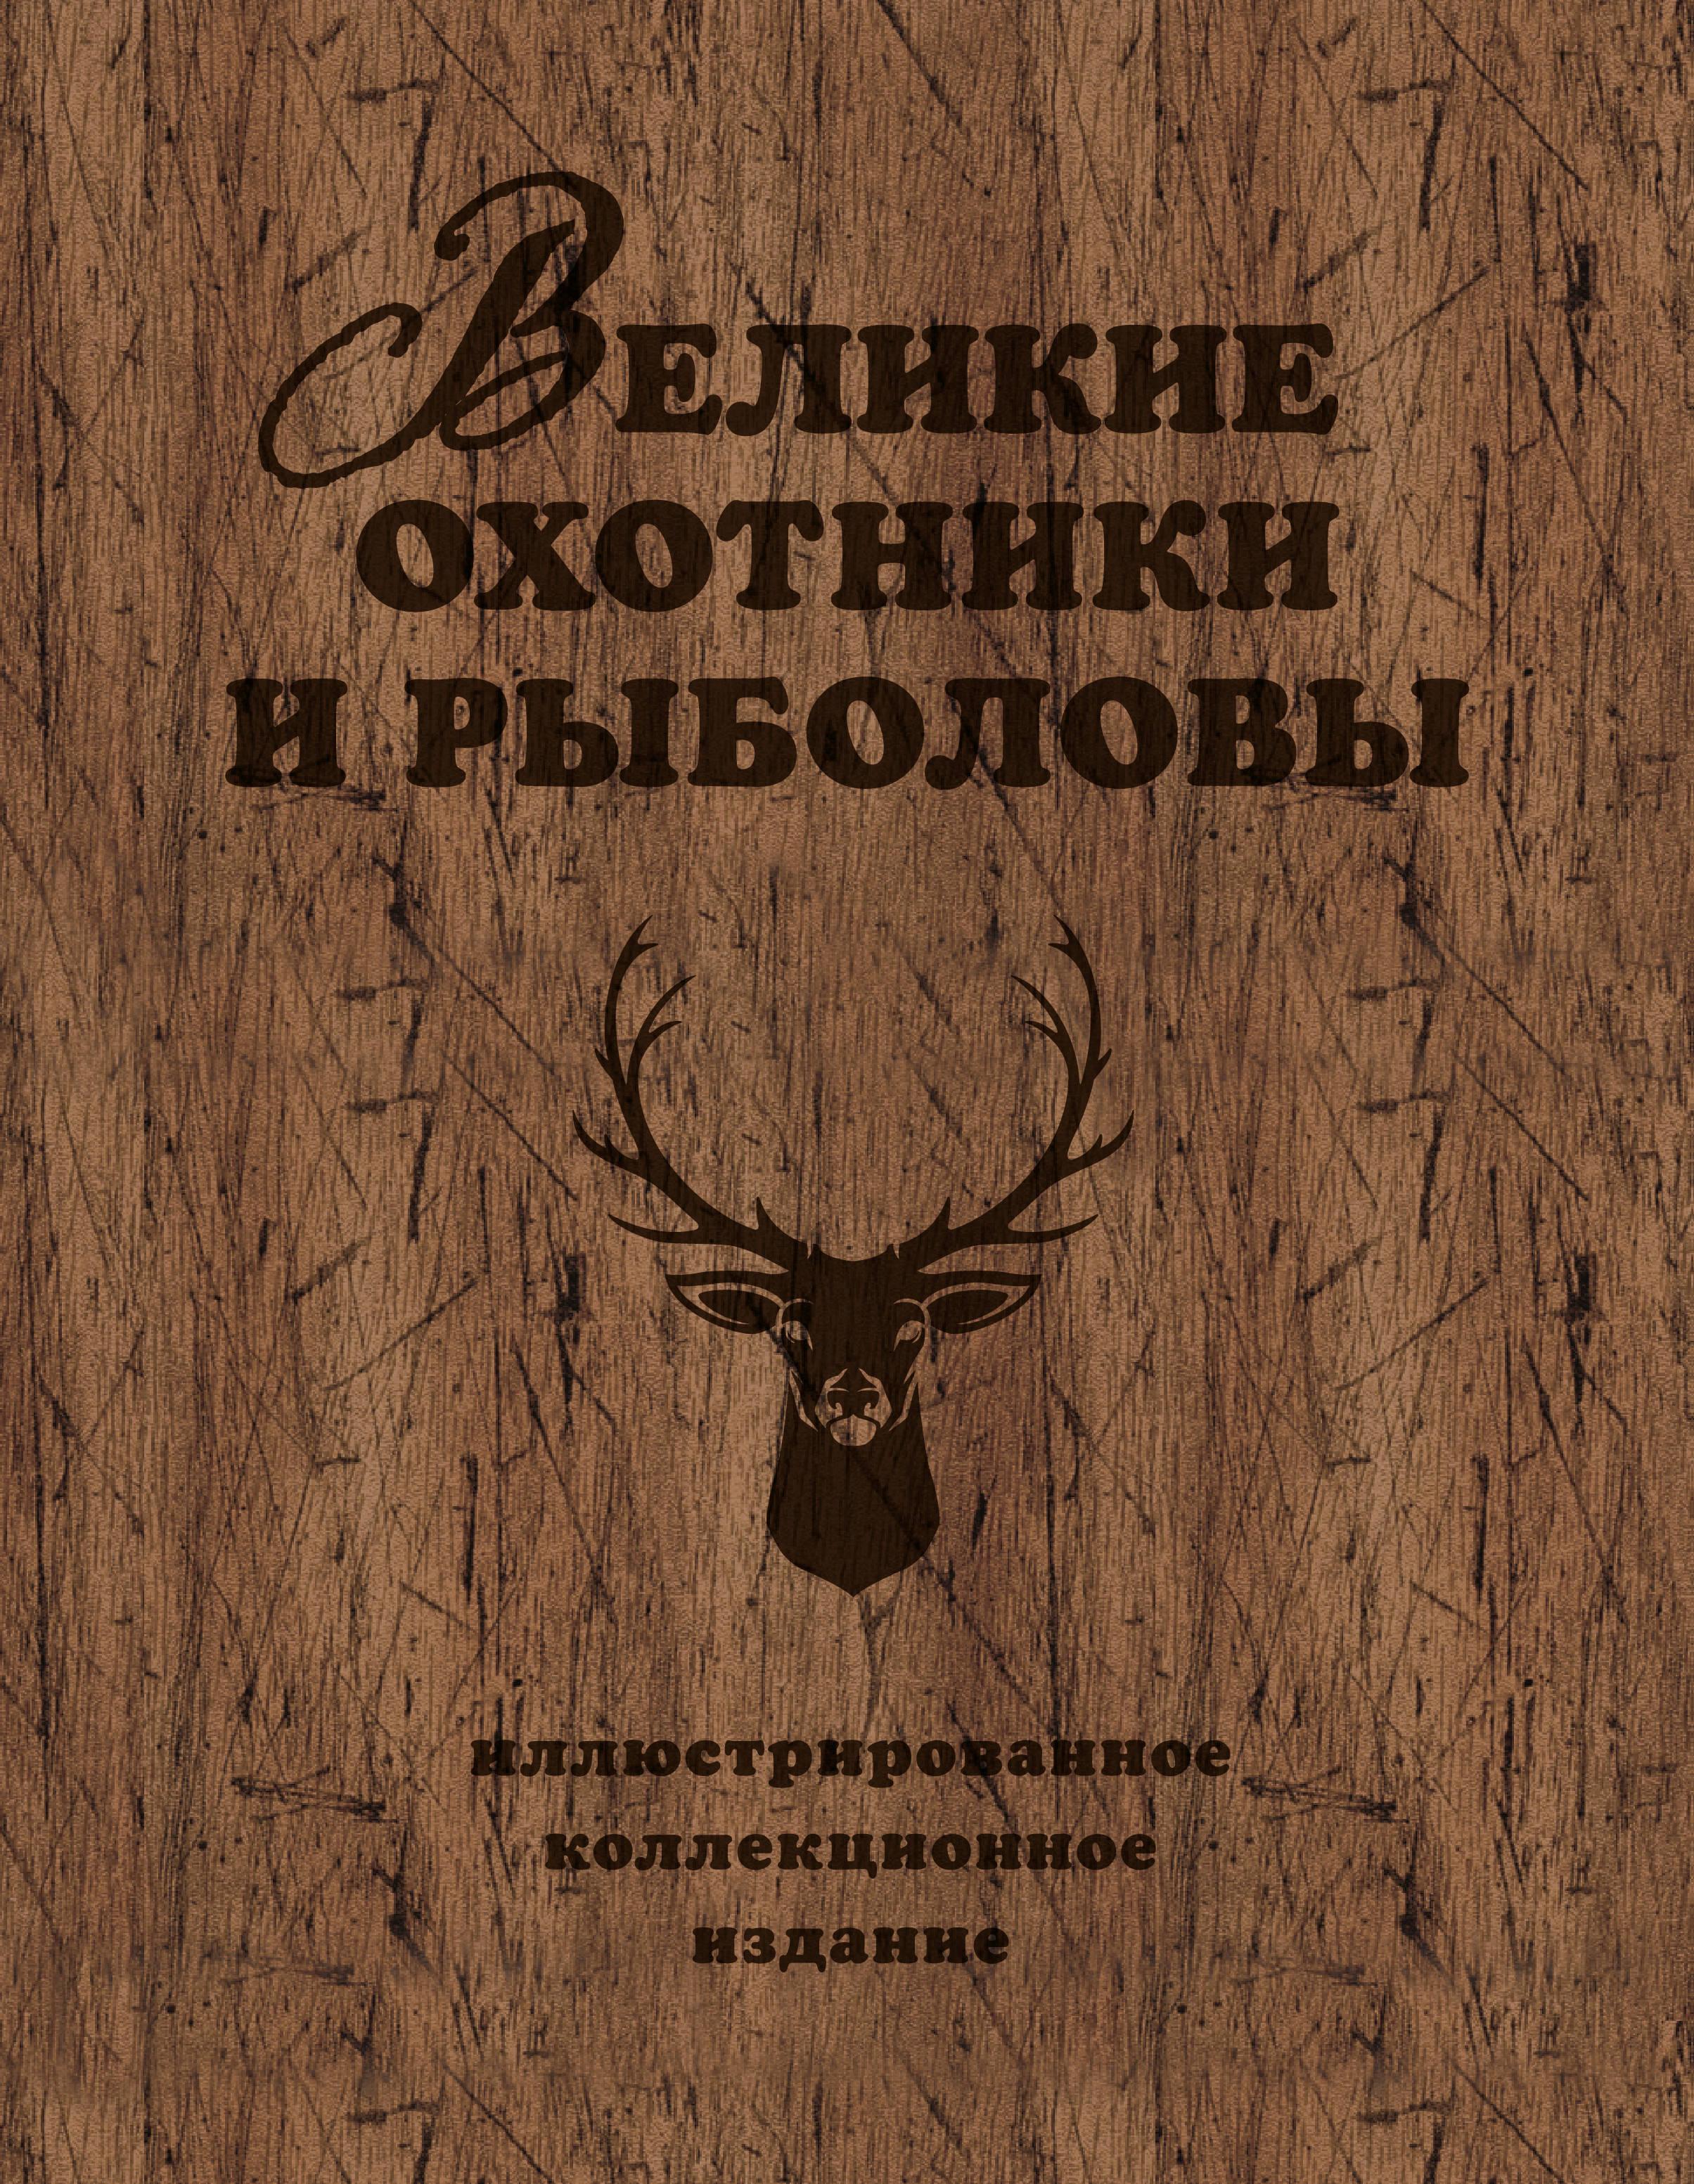 Очеретний Александр Дмитриевич Великие охотники и рыболовы. Иллюстрированное коллекционное издание рога mj cycle be 1165 алюминий 6061 круглое сечение длина 100мм чёрные be 1165